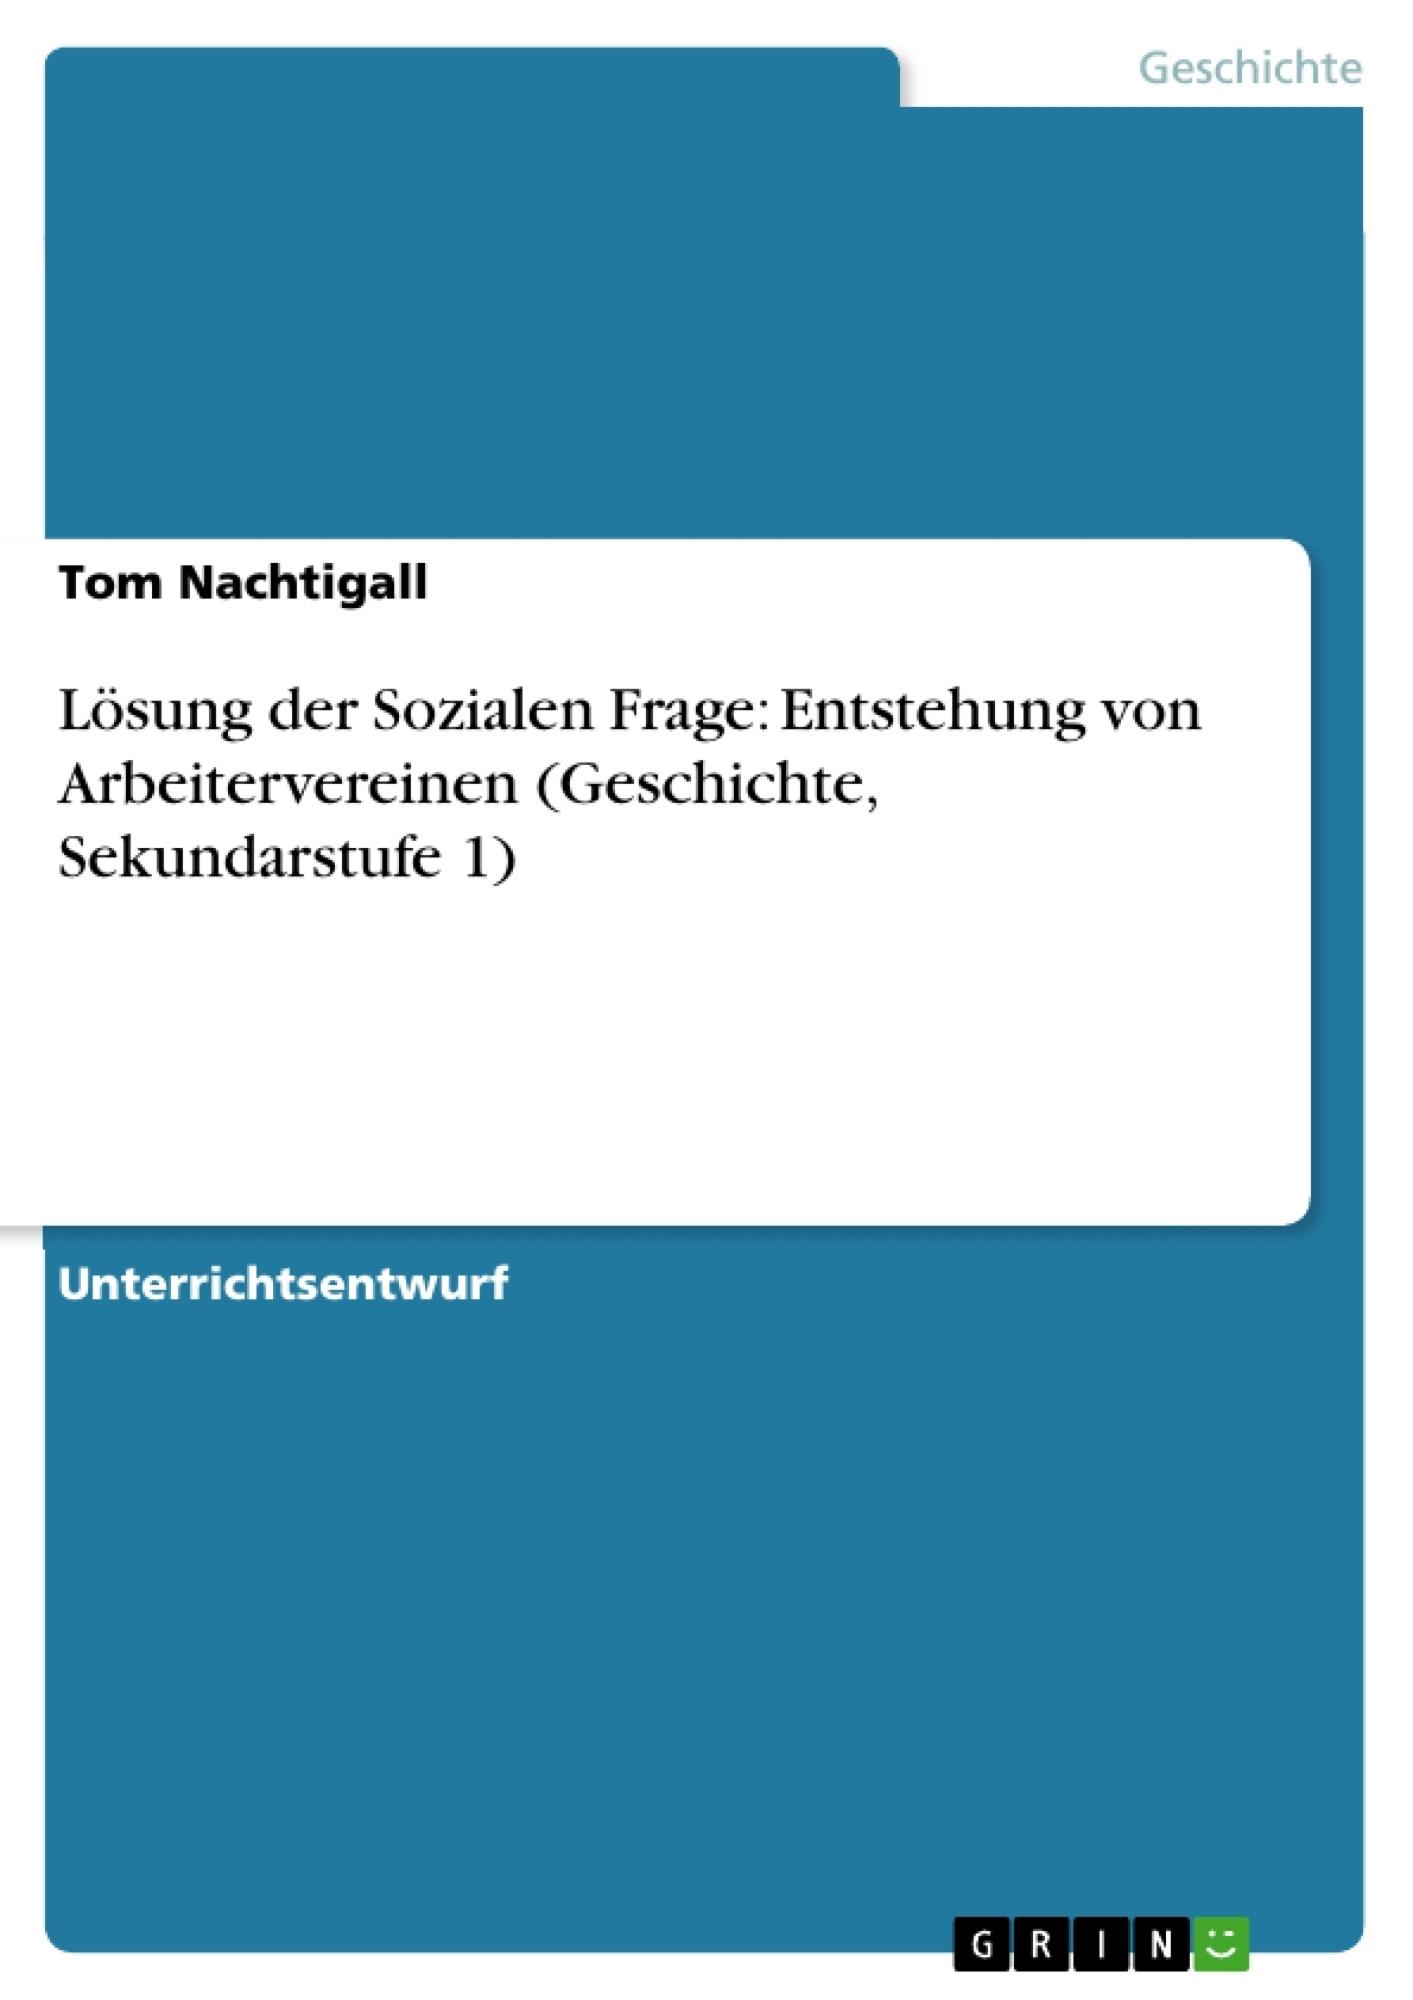 Titel: Lösung der Sozialen Frage: Entstehung von Arbeitervereinen (Geschichte, Sekundarstufe 1)